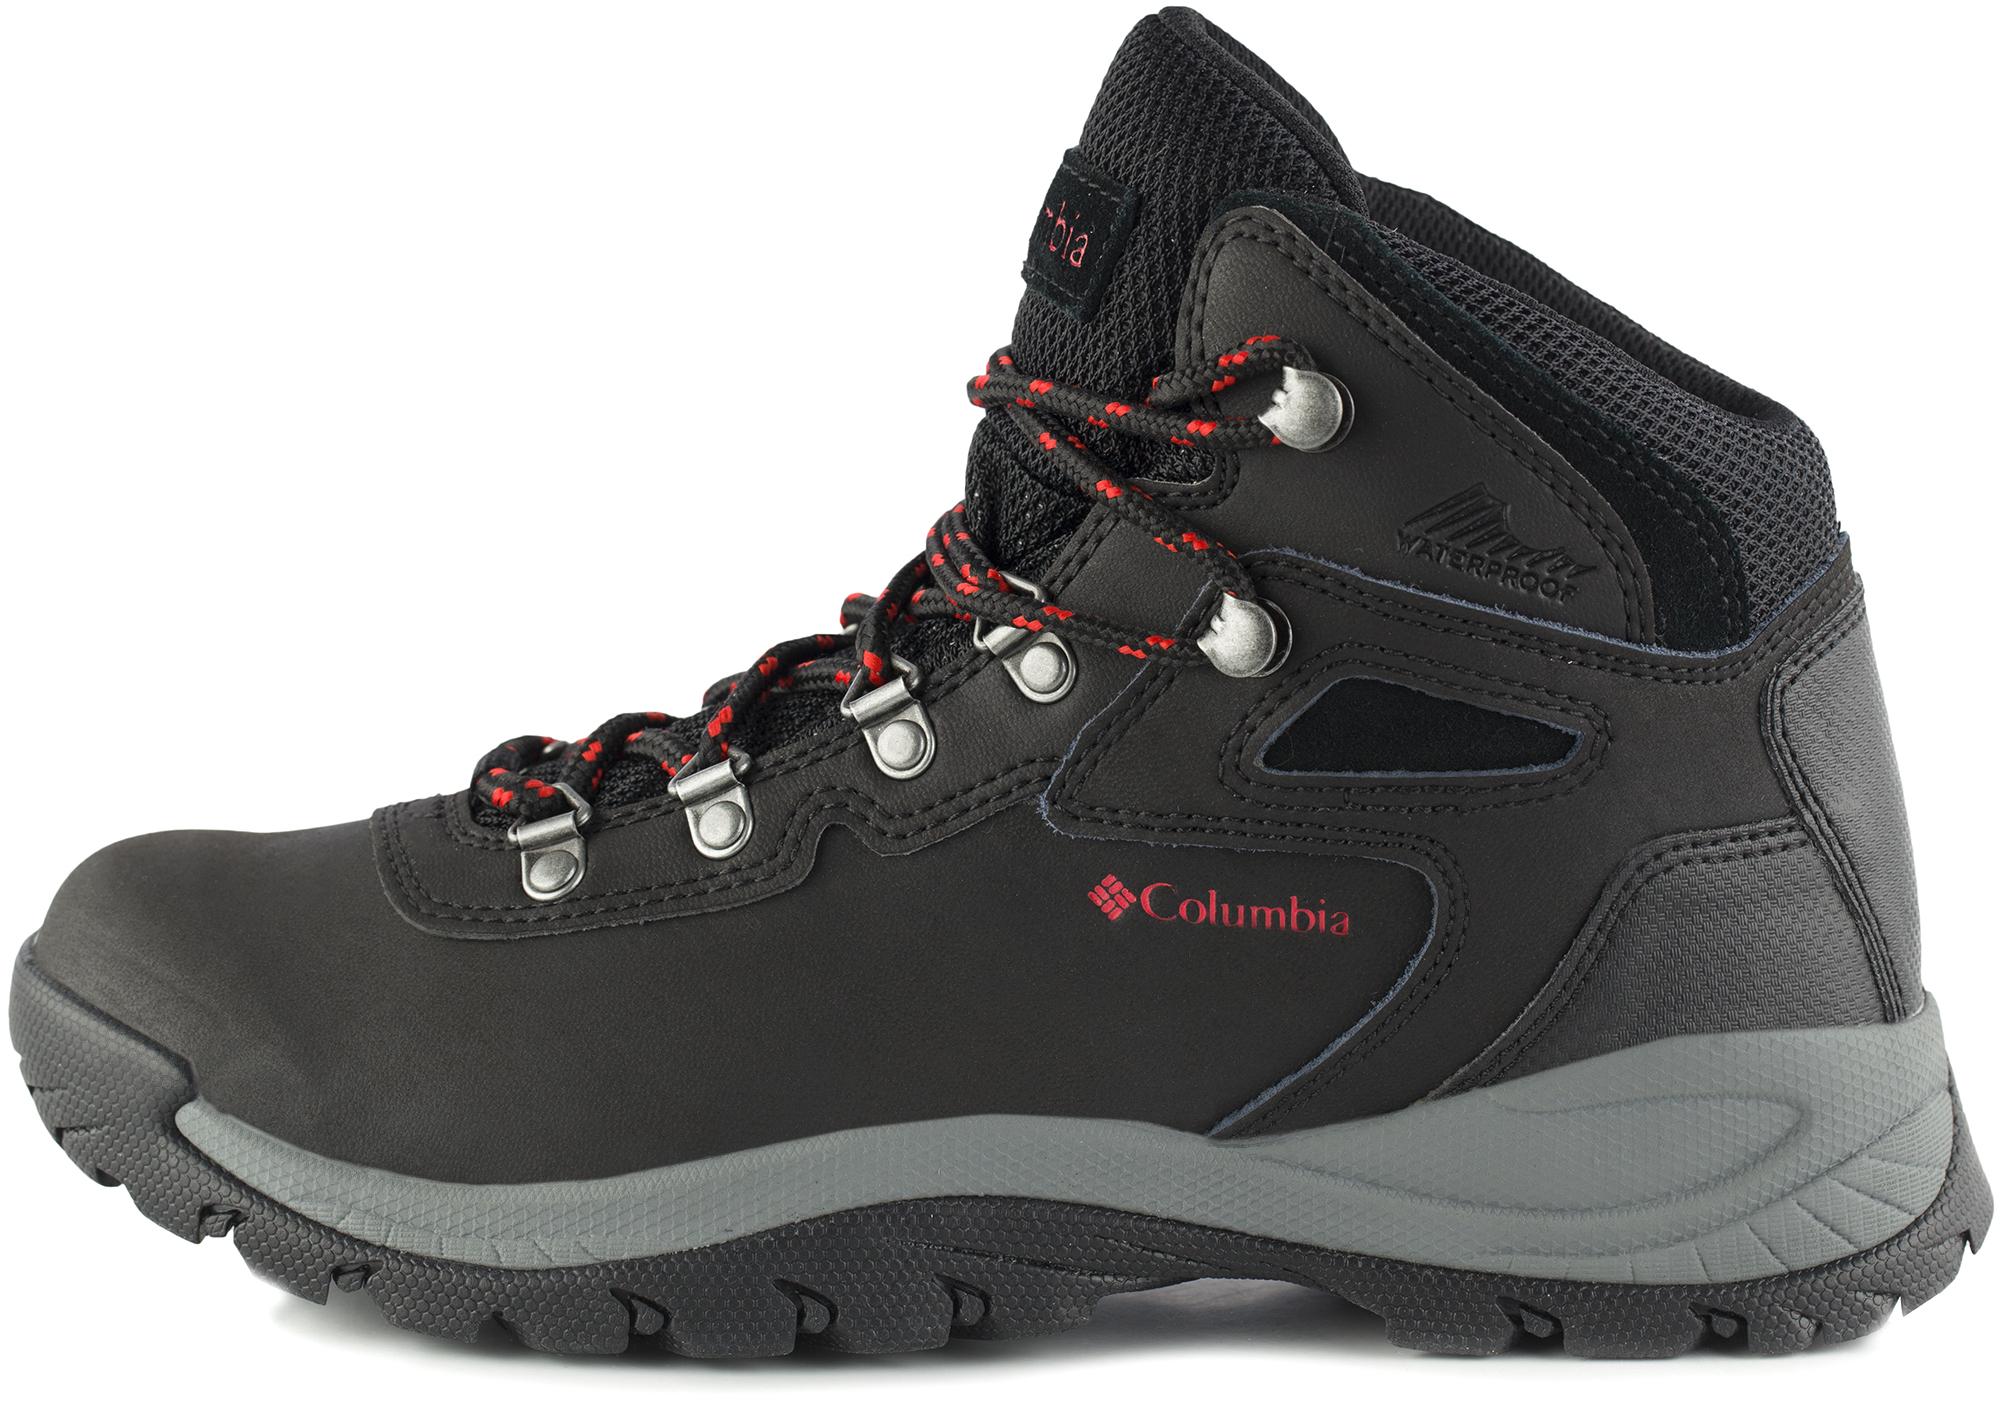 Columbia Ботинки женские Columbia Newton Ridge Plus, размер 41 columbia ботинки утепленные женские columbia bugaboot plus iv omni heat размер 41